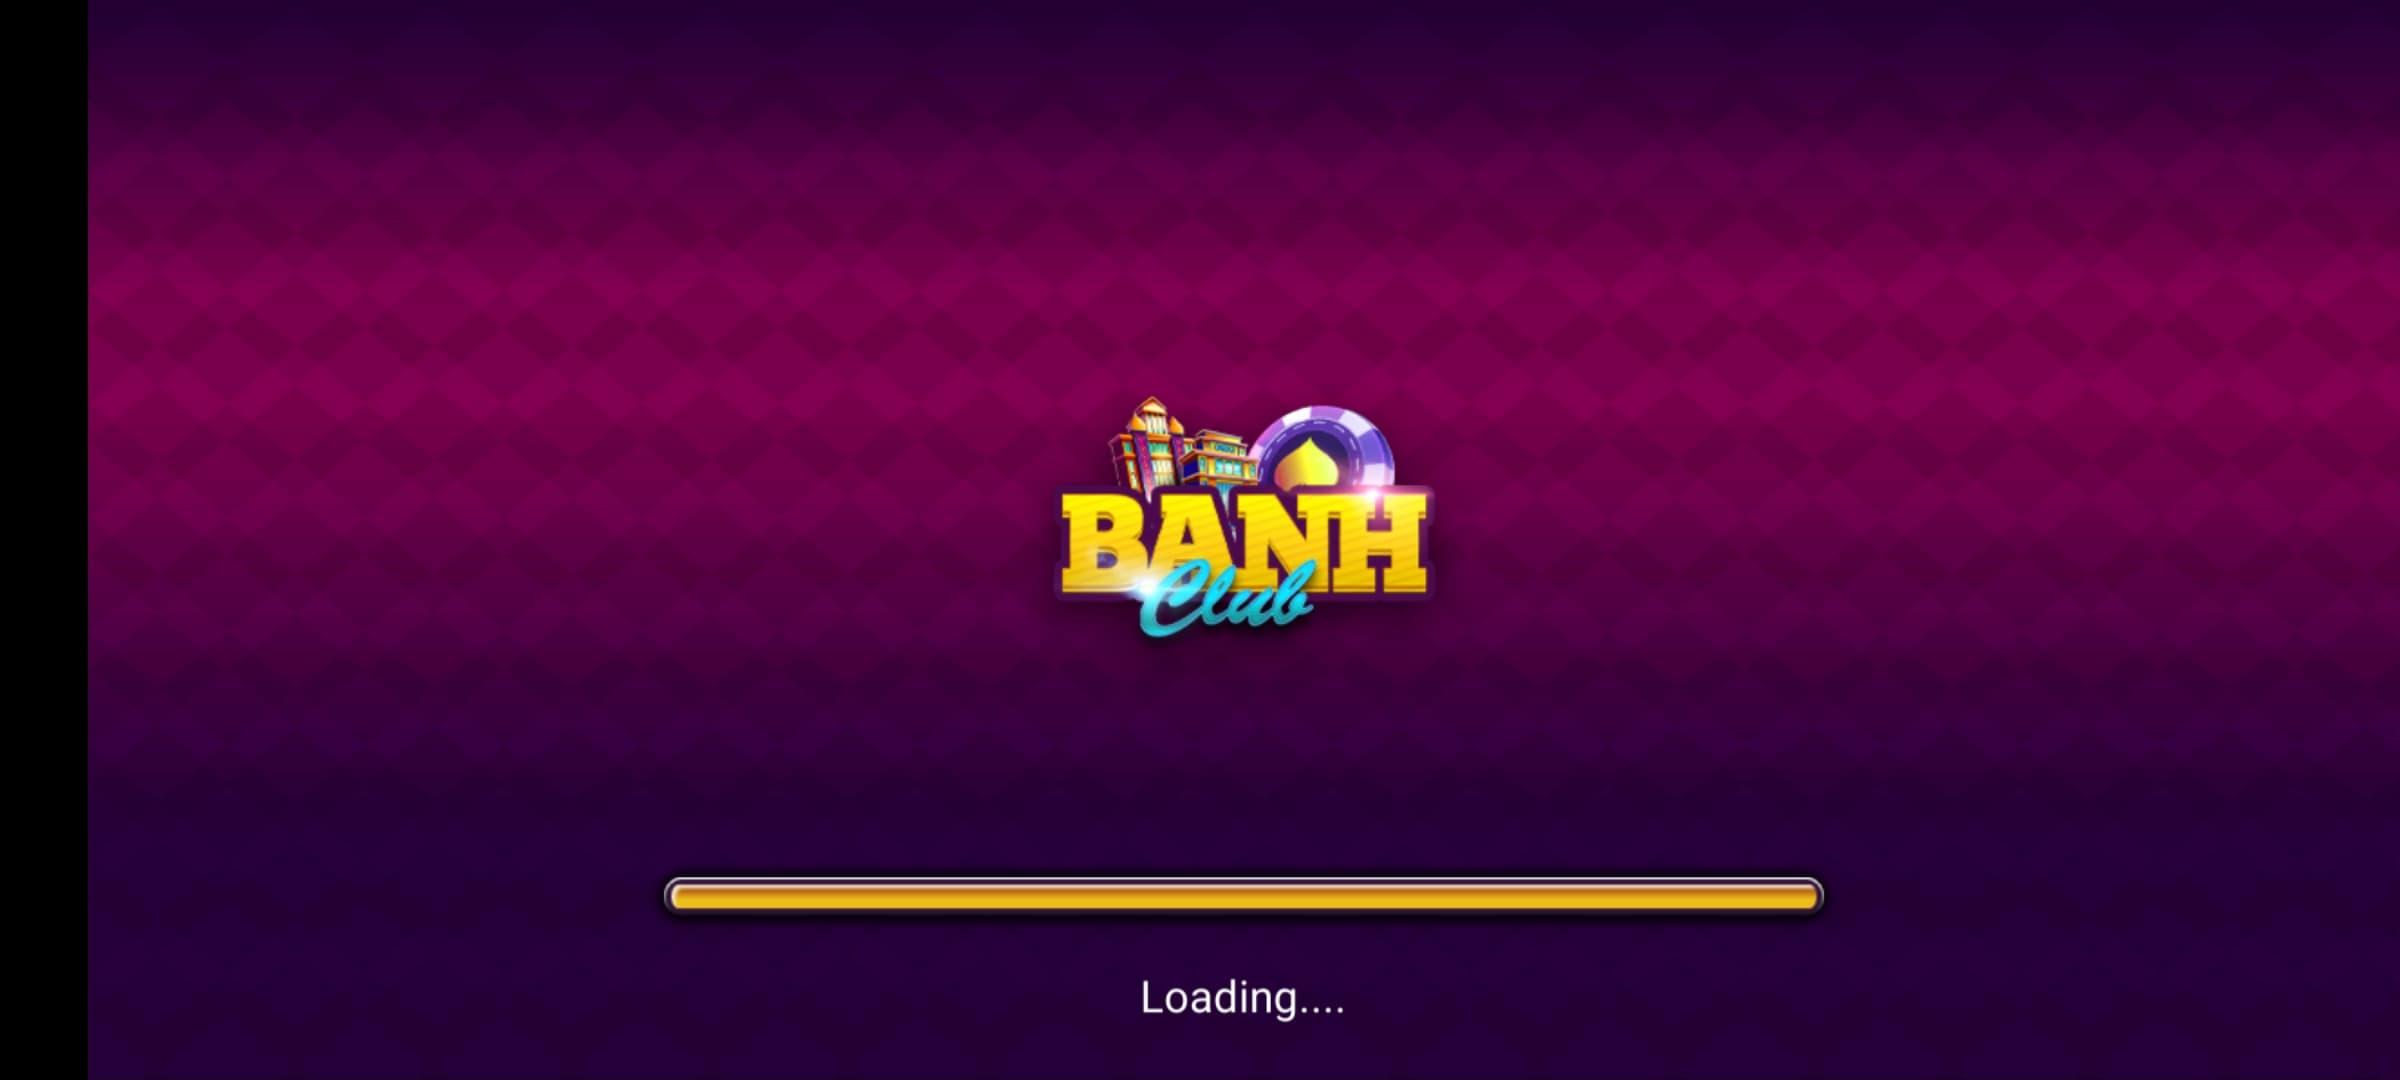 Hướng dẫn link tải Banh club